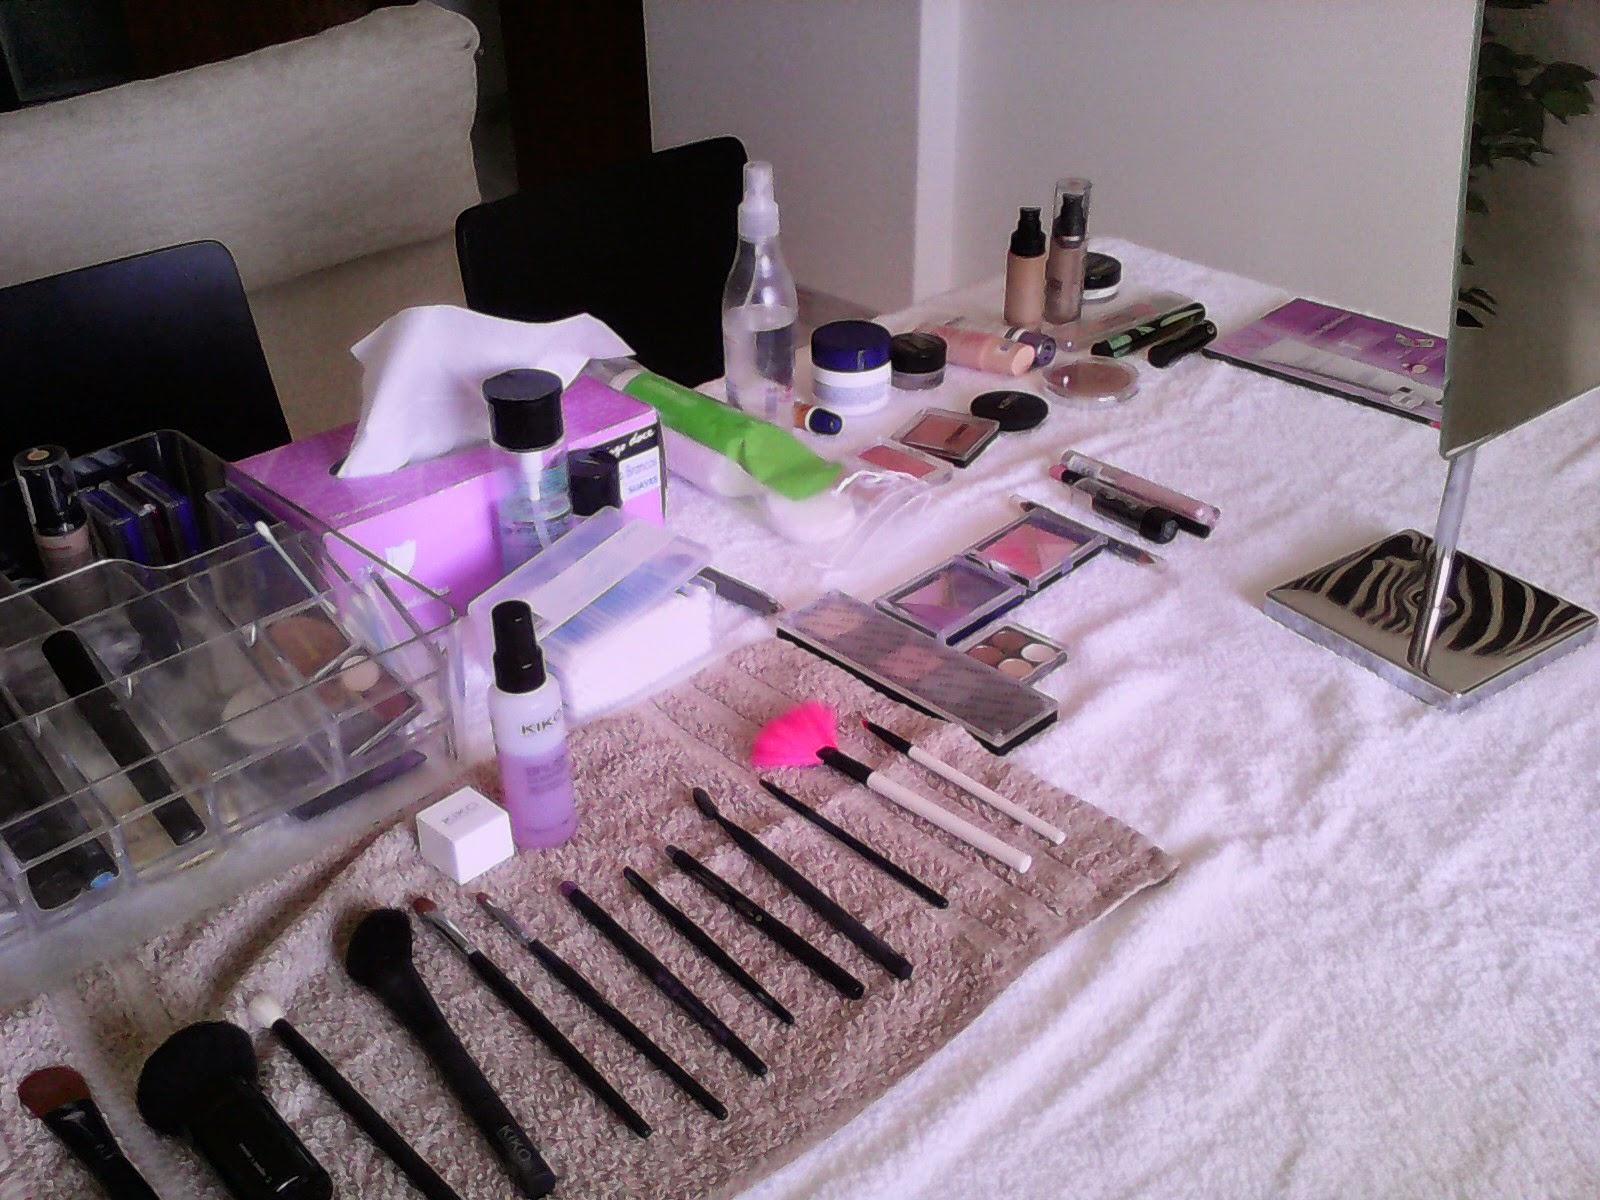 Mesa com produtos de maquilhagem para a aula particular